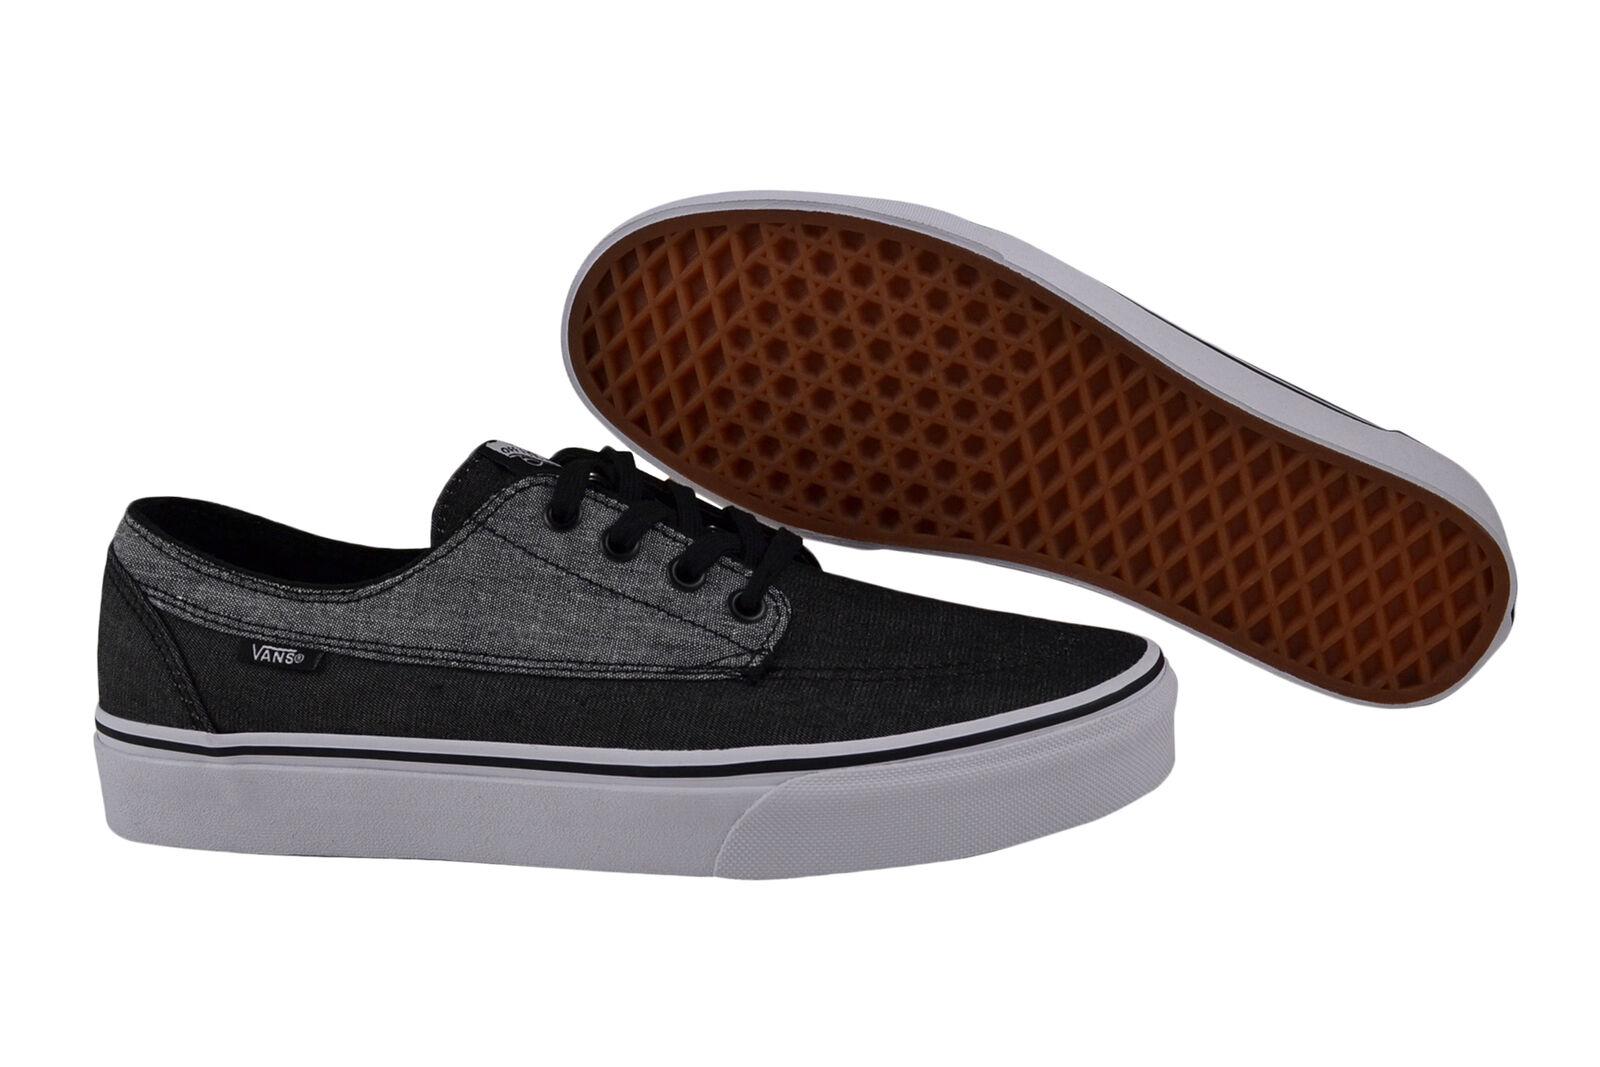 Vans Brigata schwarz Sneaker/Schuhe schwarz ZSLI8F